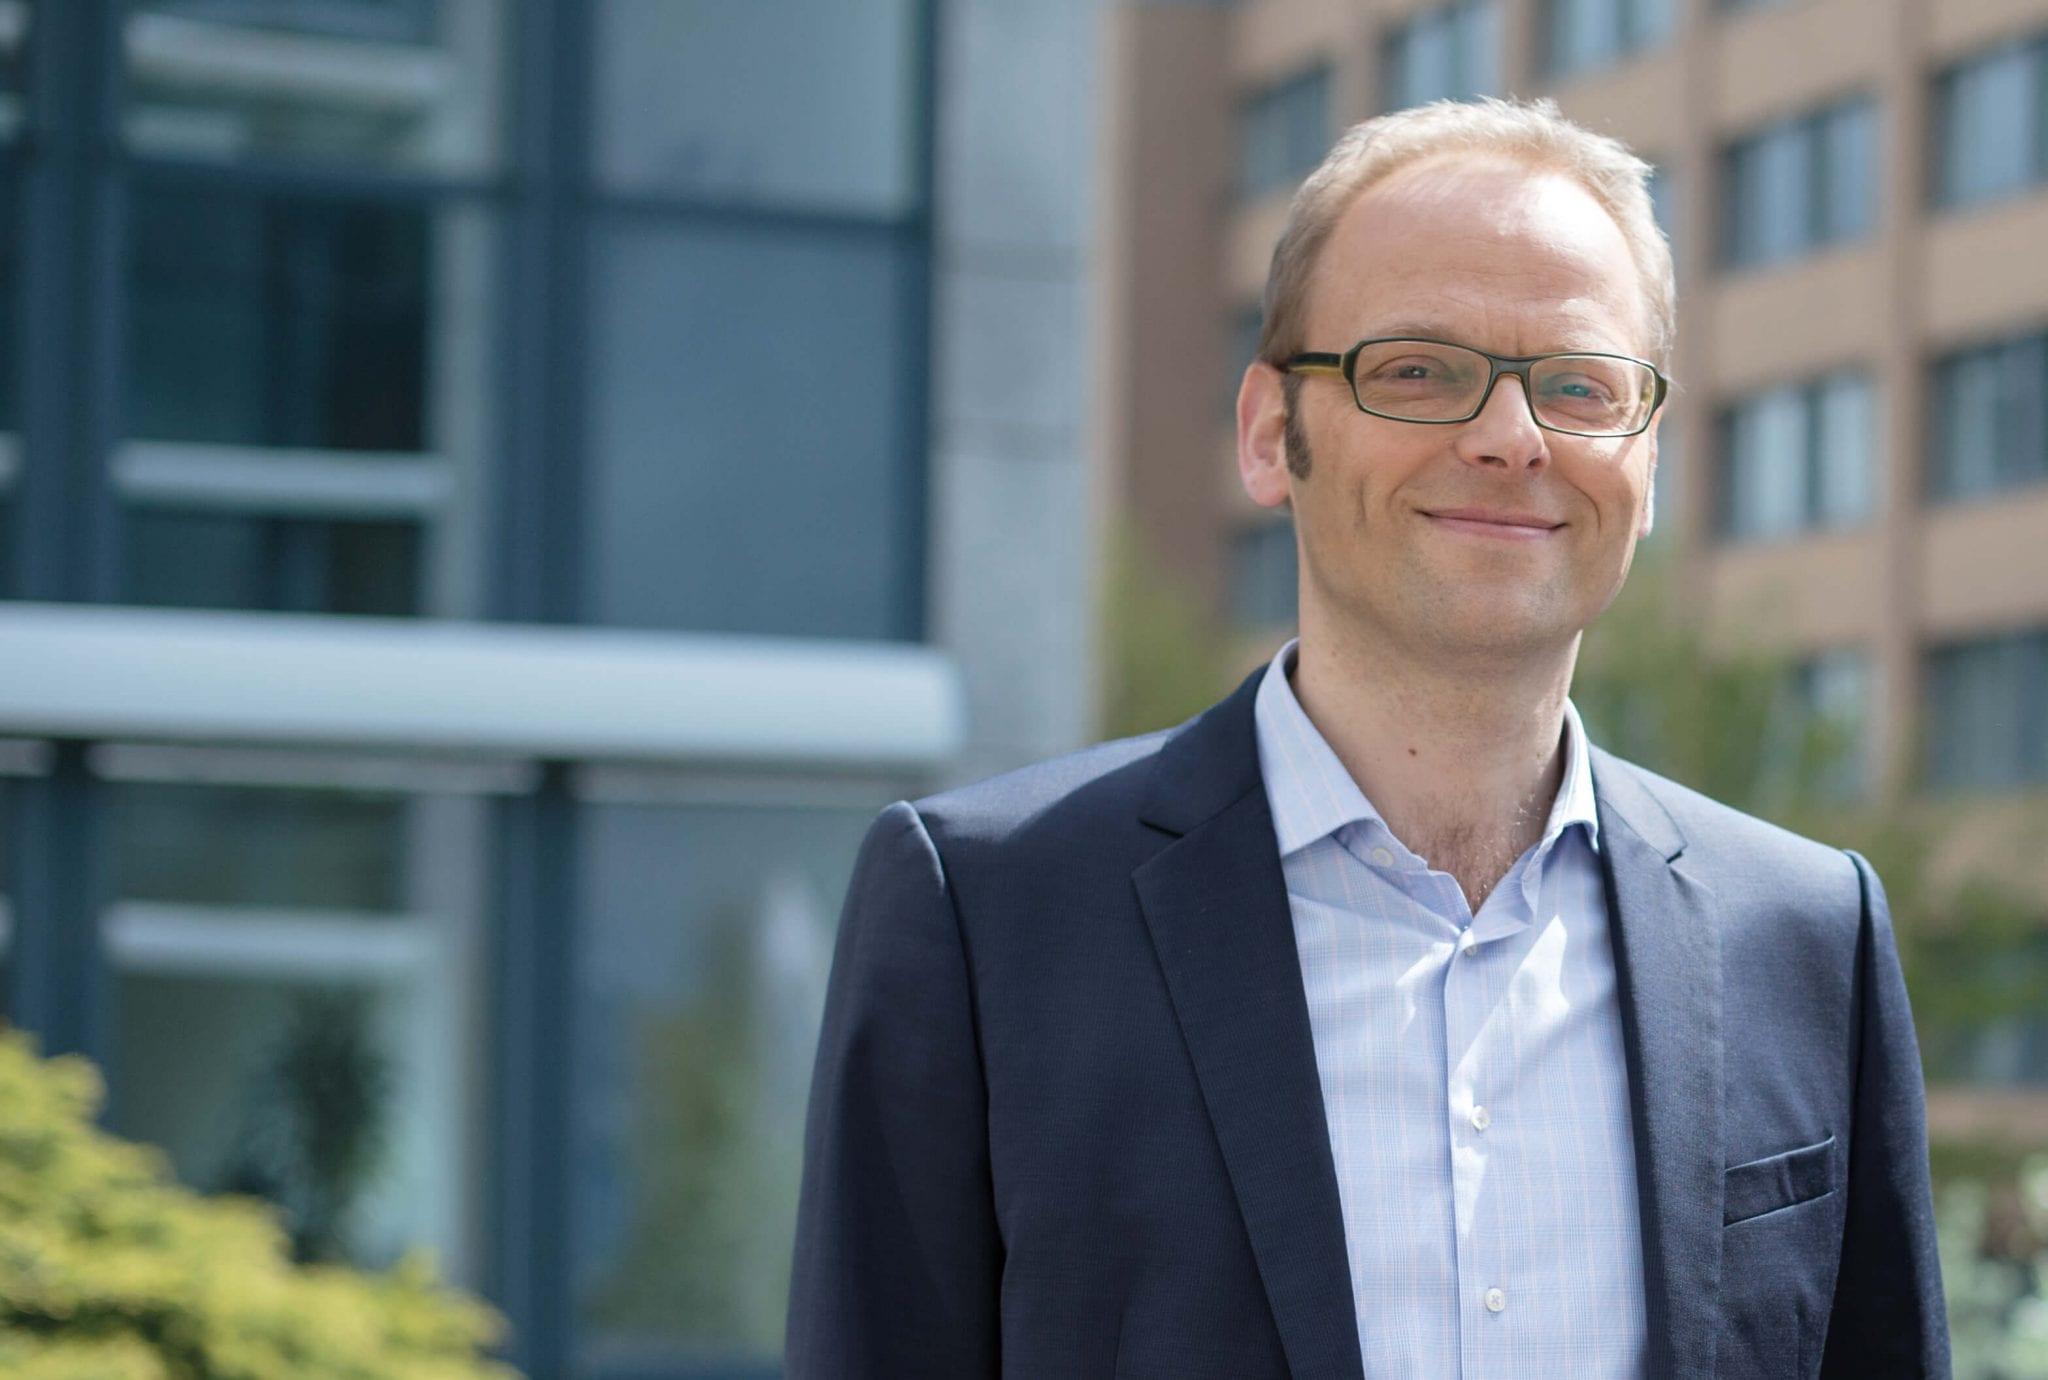 Drei Fragen an unser neues Vorstandsmitglied Dr. Tim Meyer ...